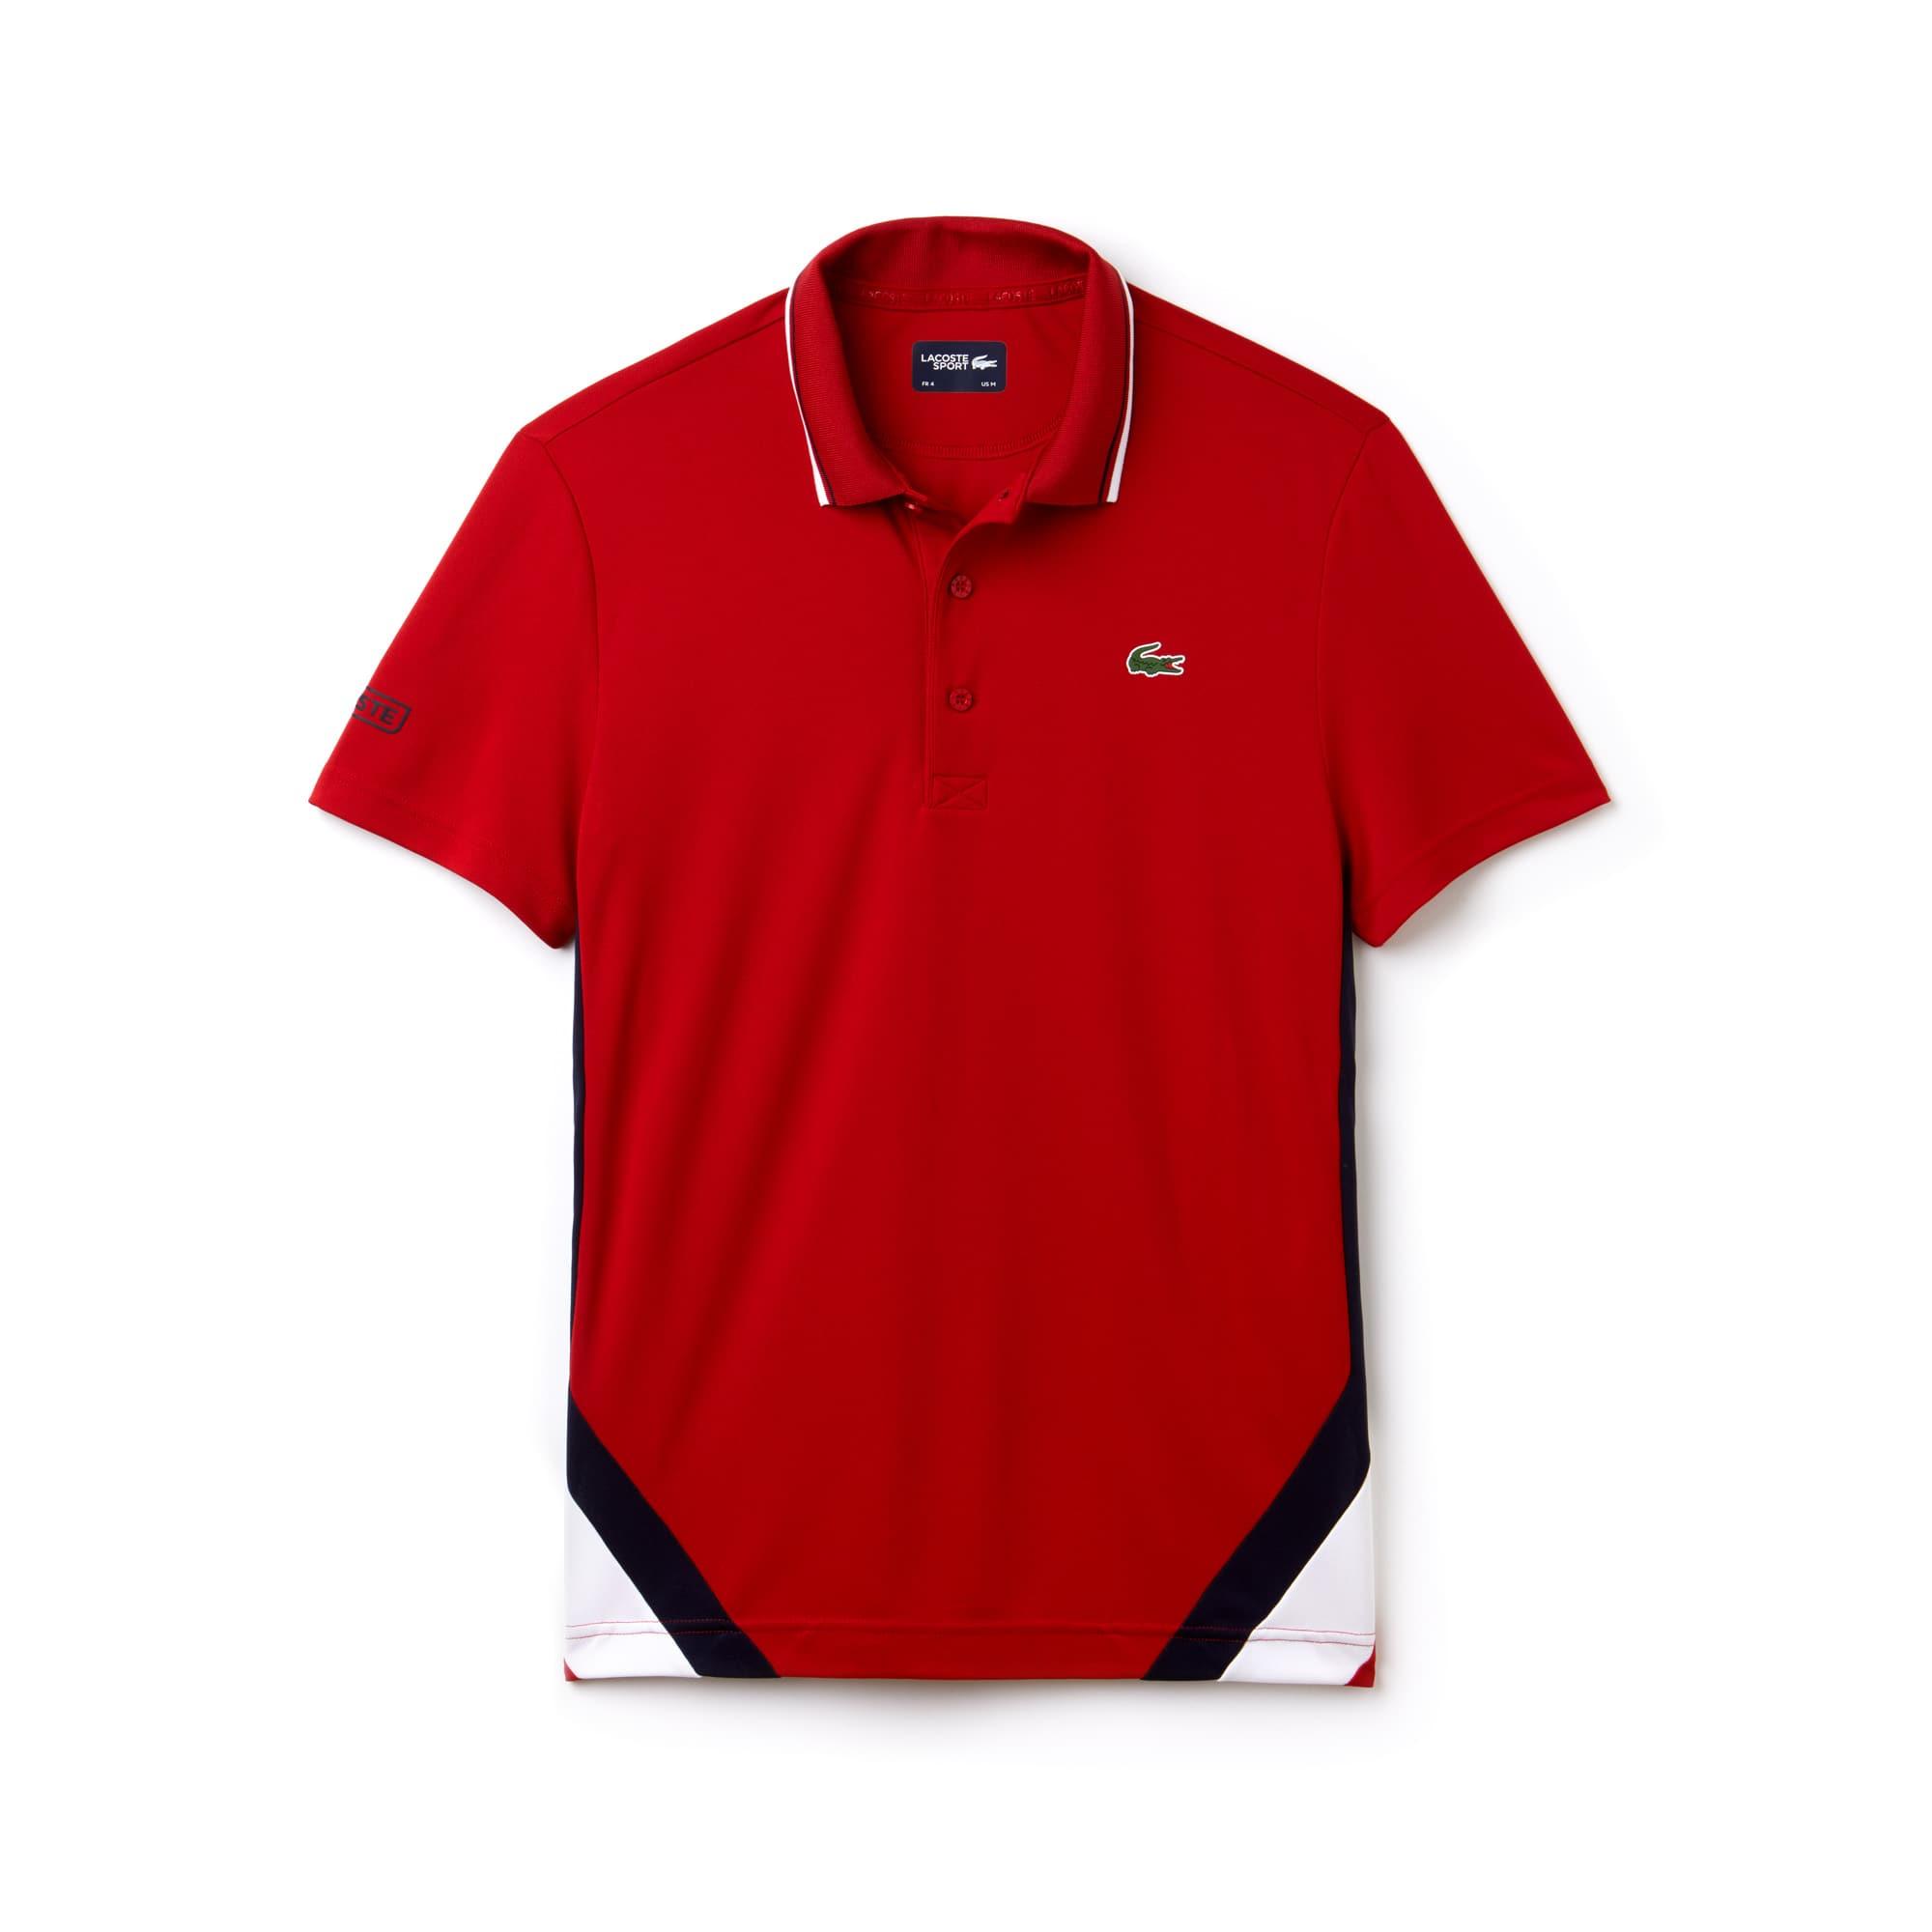 Lacoste - Men's Lacoste SPORT Colorblock Bands Technical Piqué Tennis Polo - 3